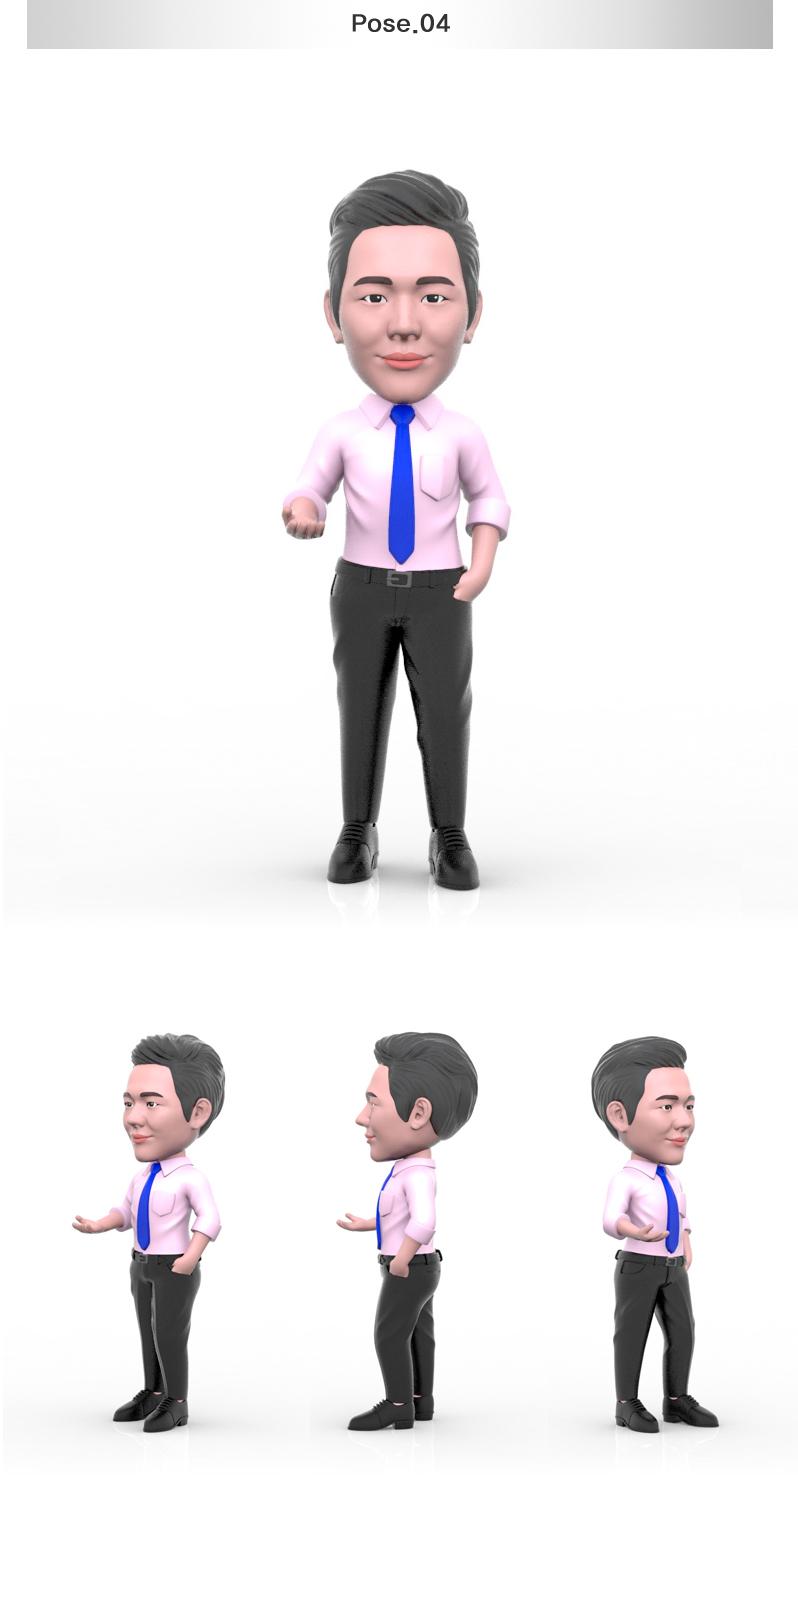 shirt_pose04